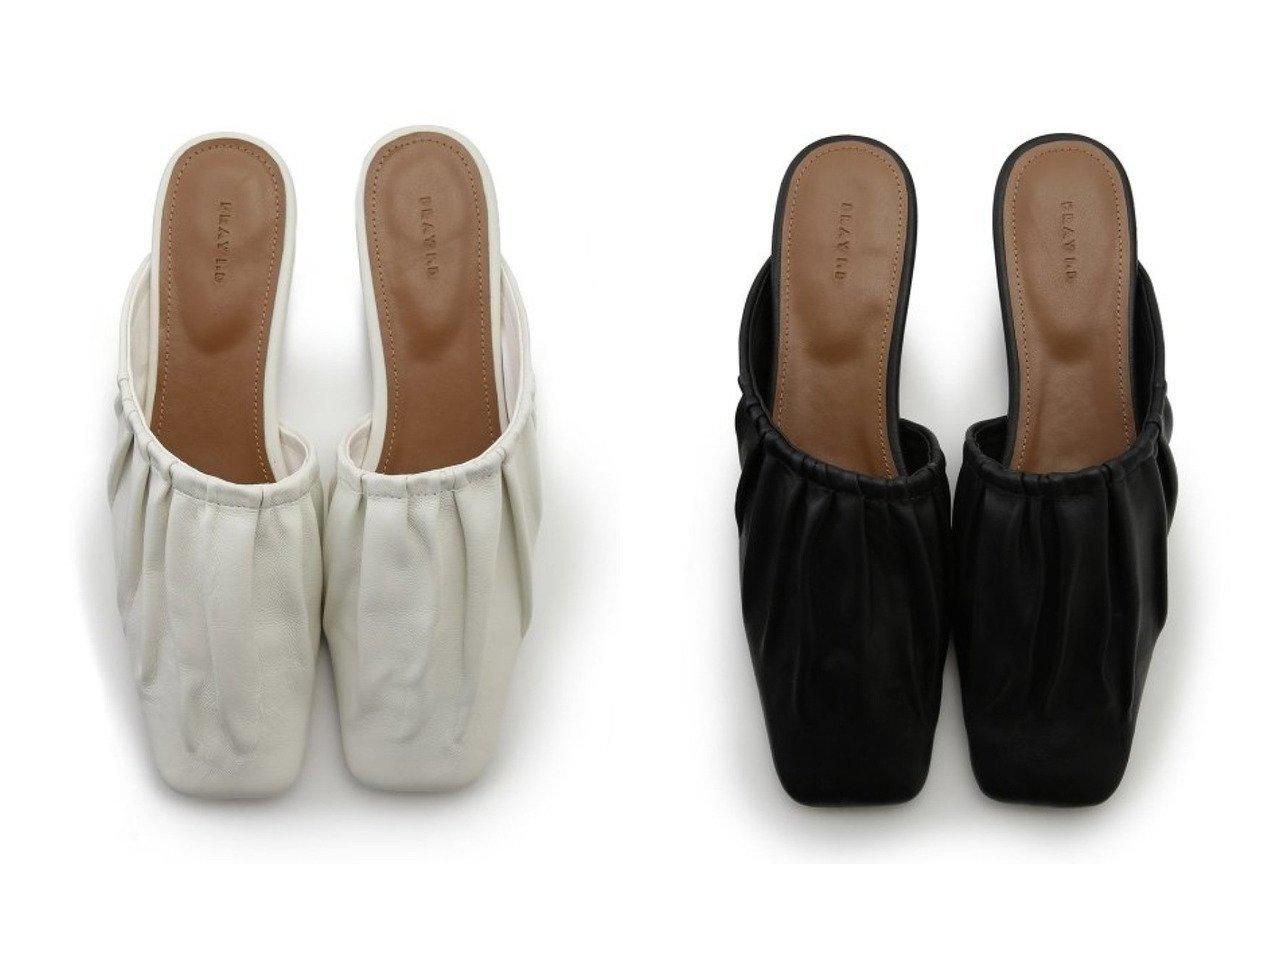 【FRAY I.D/フレイ アイディー】のアシメギャザーミュール 【シューズ・靴】おすすめ!人気、トレンド・レディースファッションの通販  おすすめで人気の流行・トレンド、ファッションの通販商品 メンズファッション・キッズファッション・インテリア・家具・レディースファッション・服の通販 founy(ファニー) https://founy.com/ ファッション Fashion レディースファッション WOMEN アシンメトリー ギャザー シューズ スニーカー スリッポン |ID:crp329100000027363